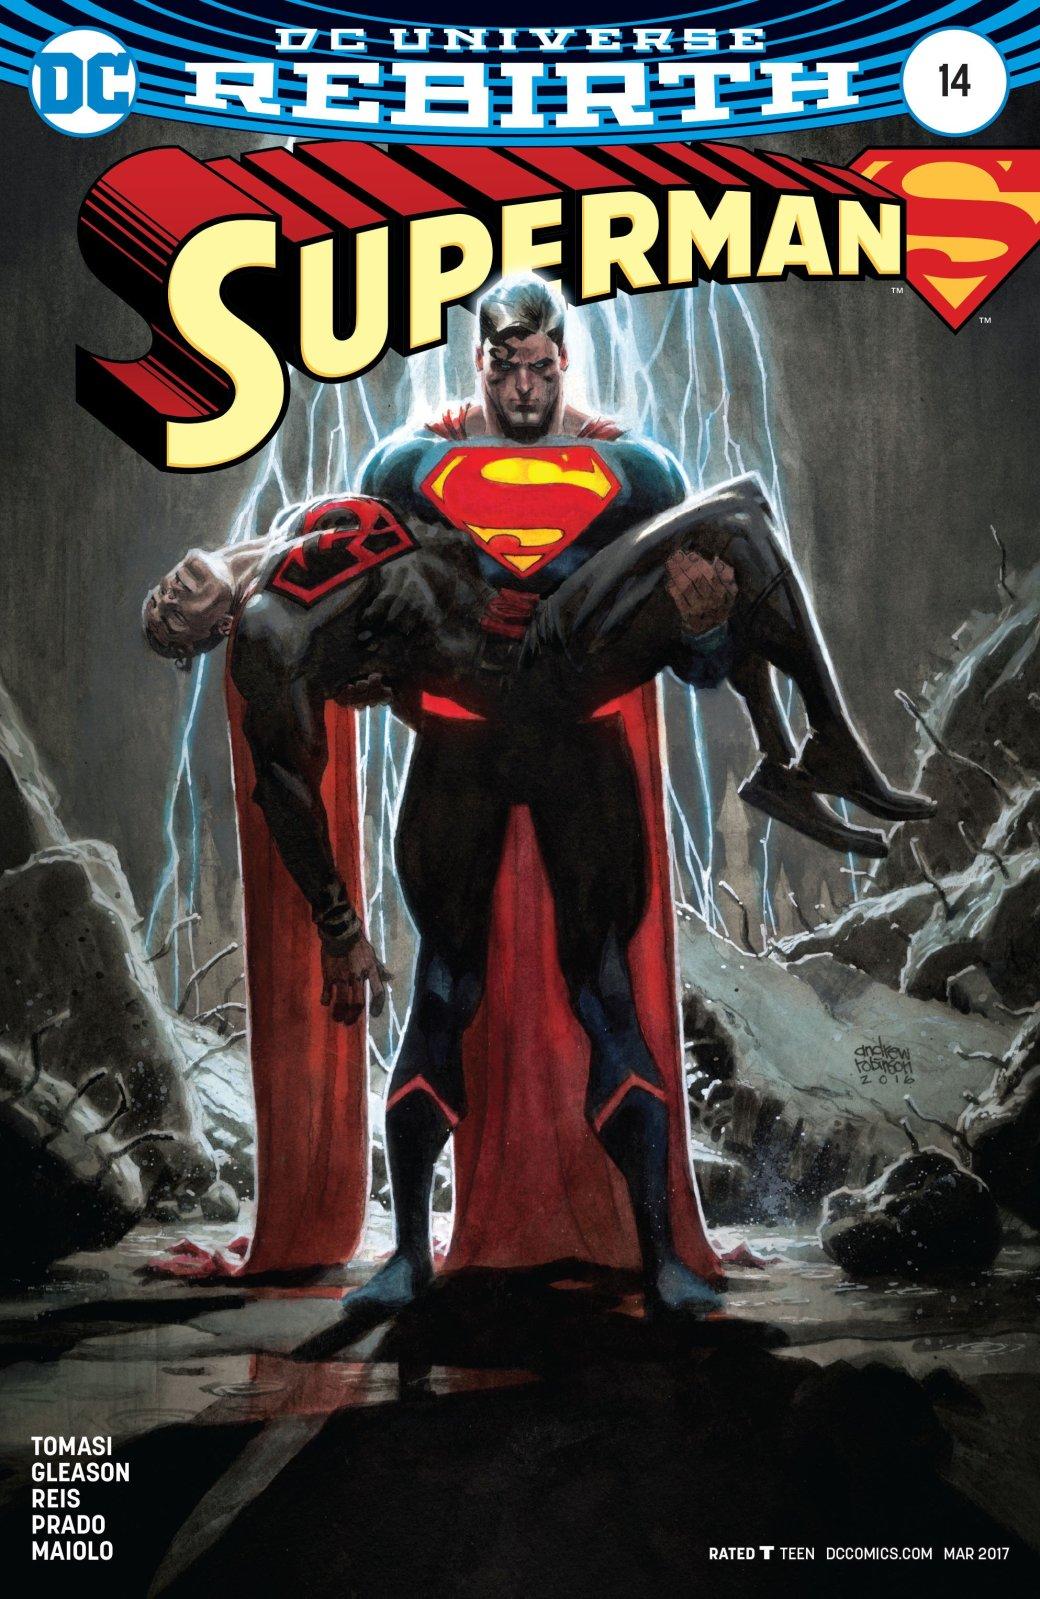 Советский, чернокожий, китайский и другие Супермены в новом комиксе DC | Канобу - Изображение 6047